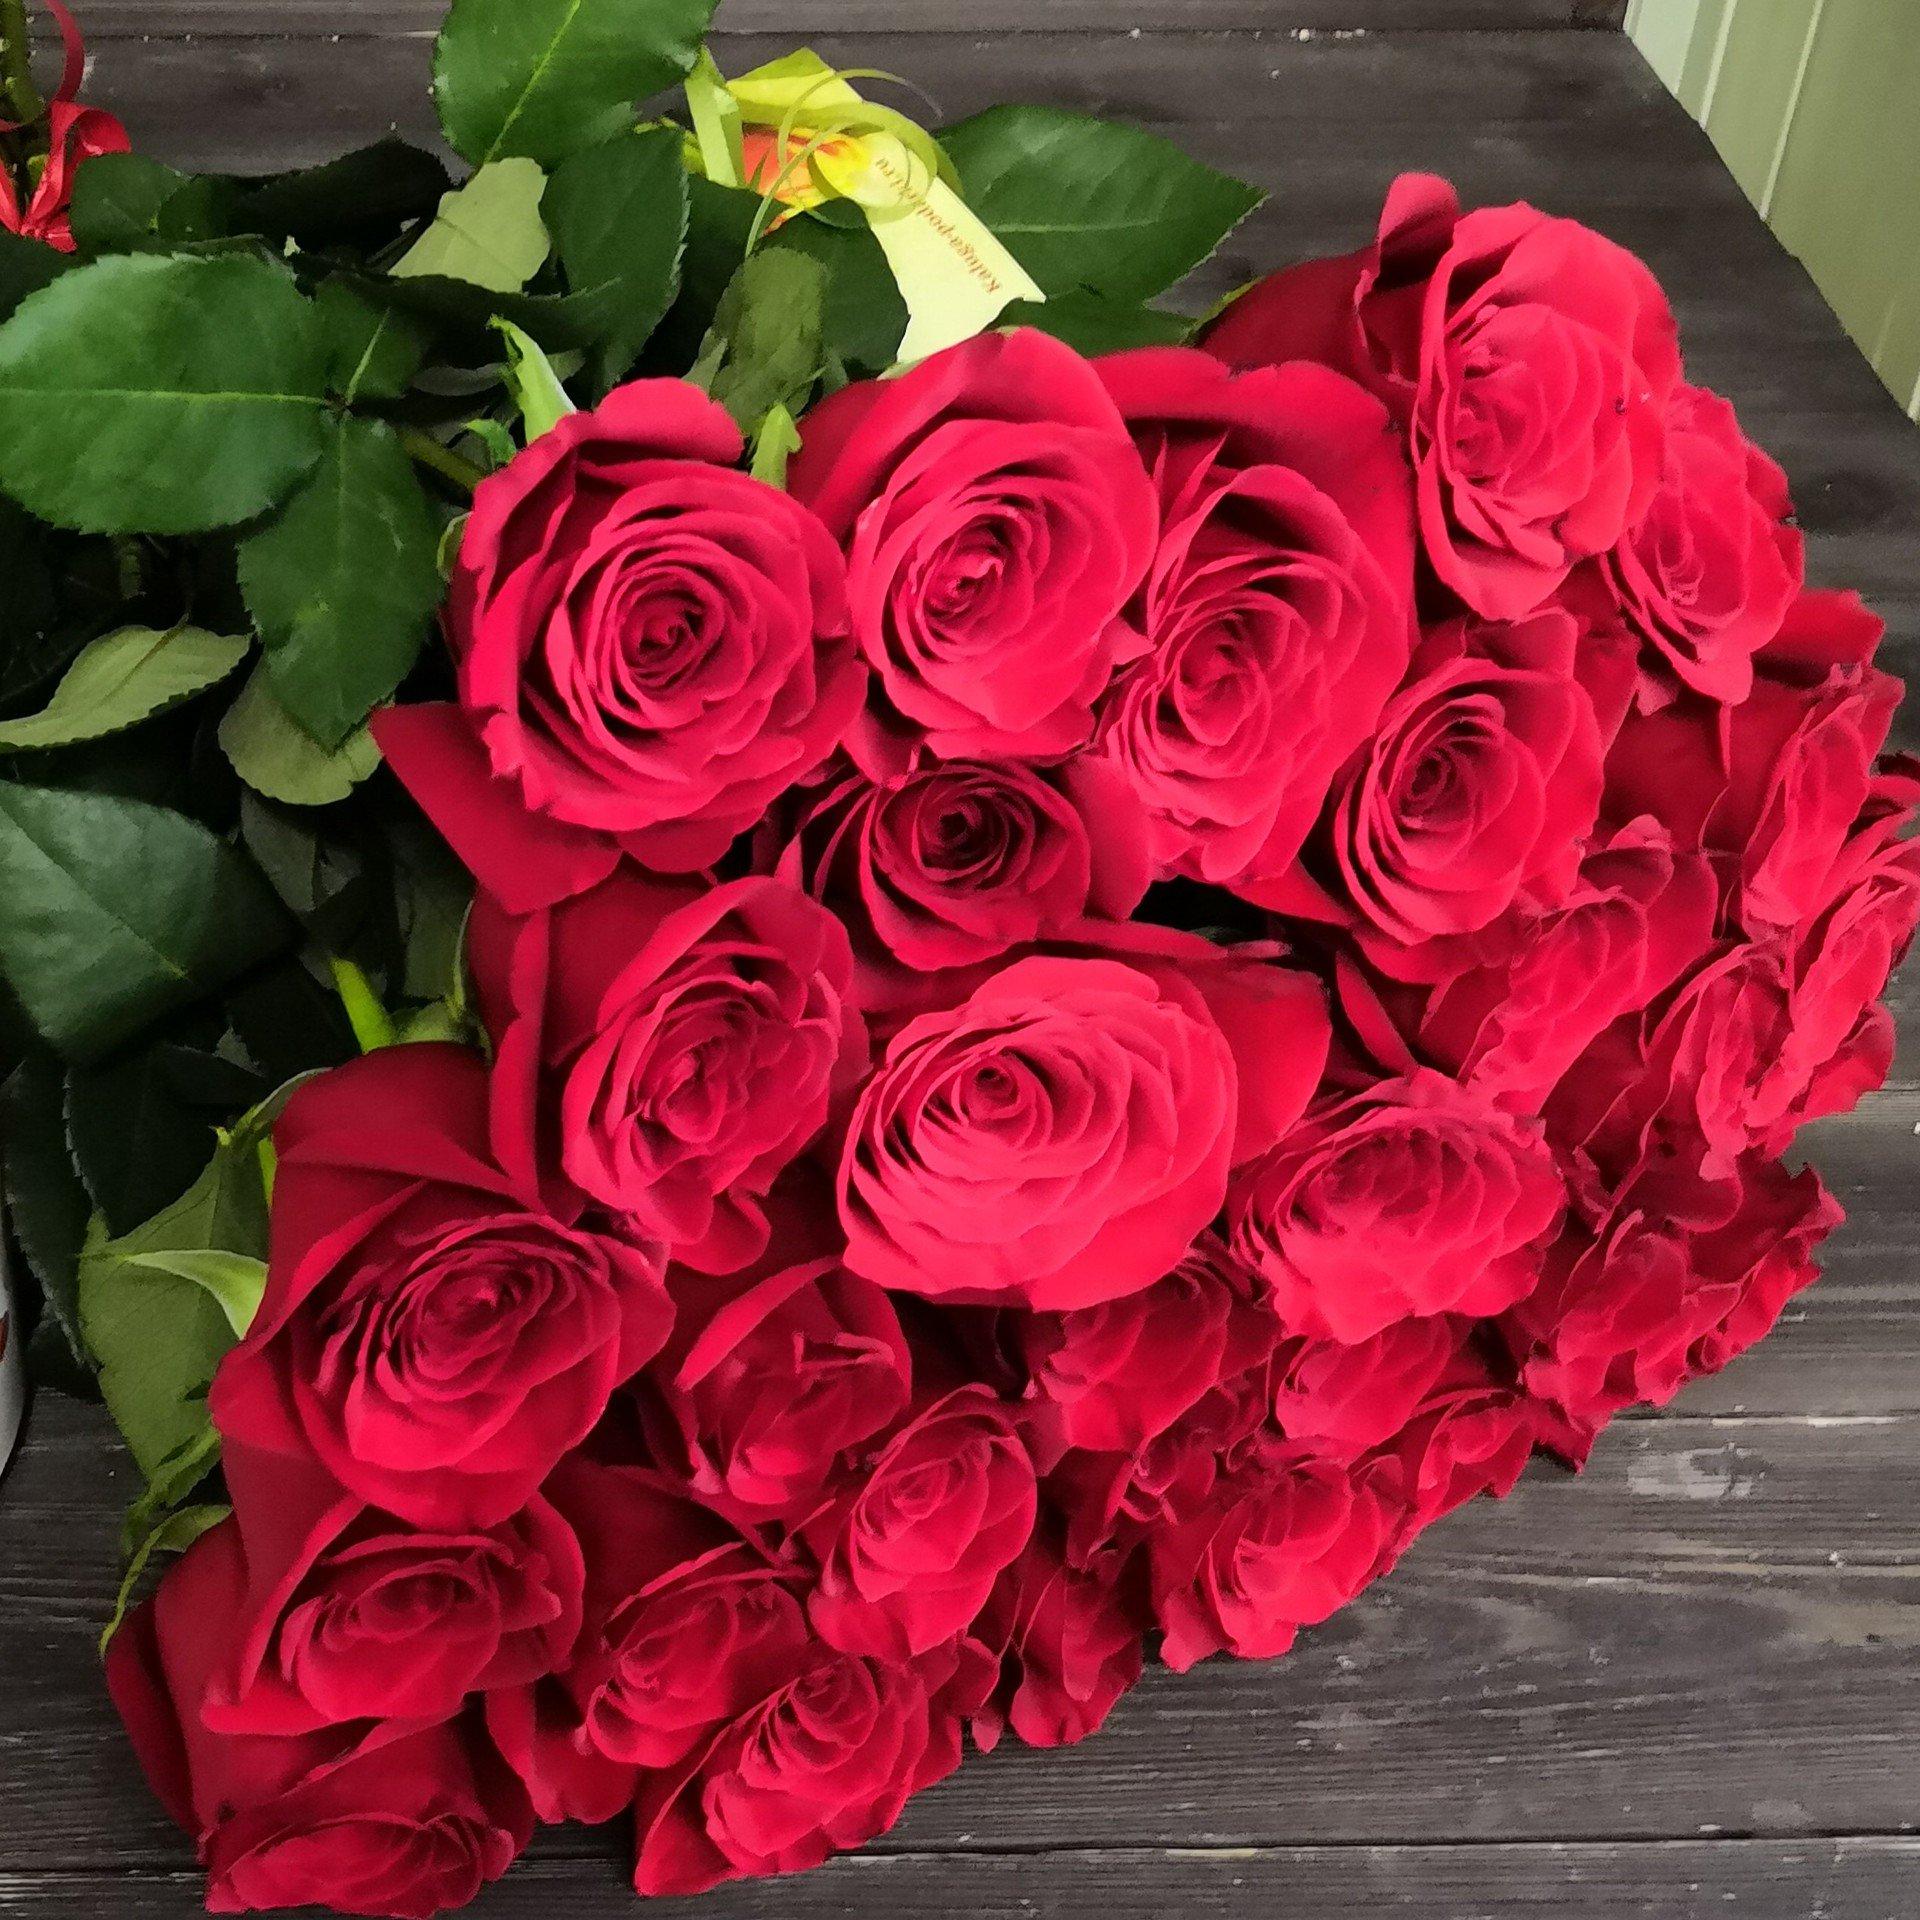 Фото сирийской сиреневые розы цветущей крутой